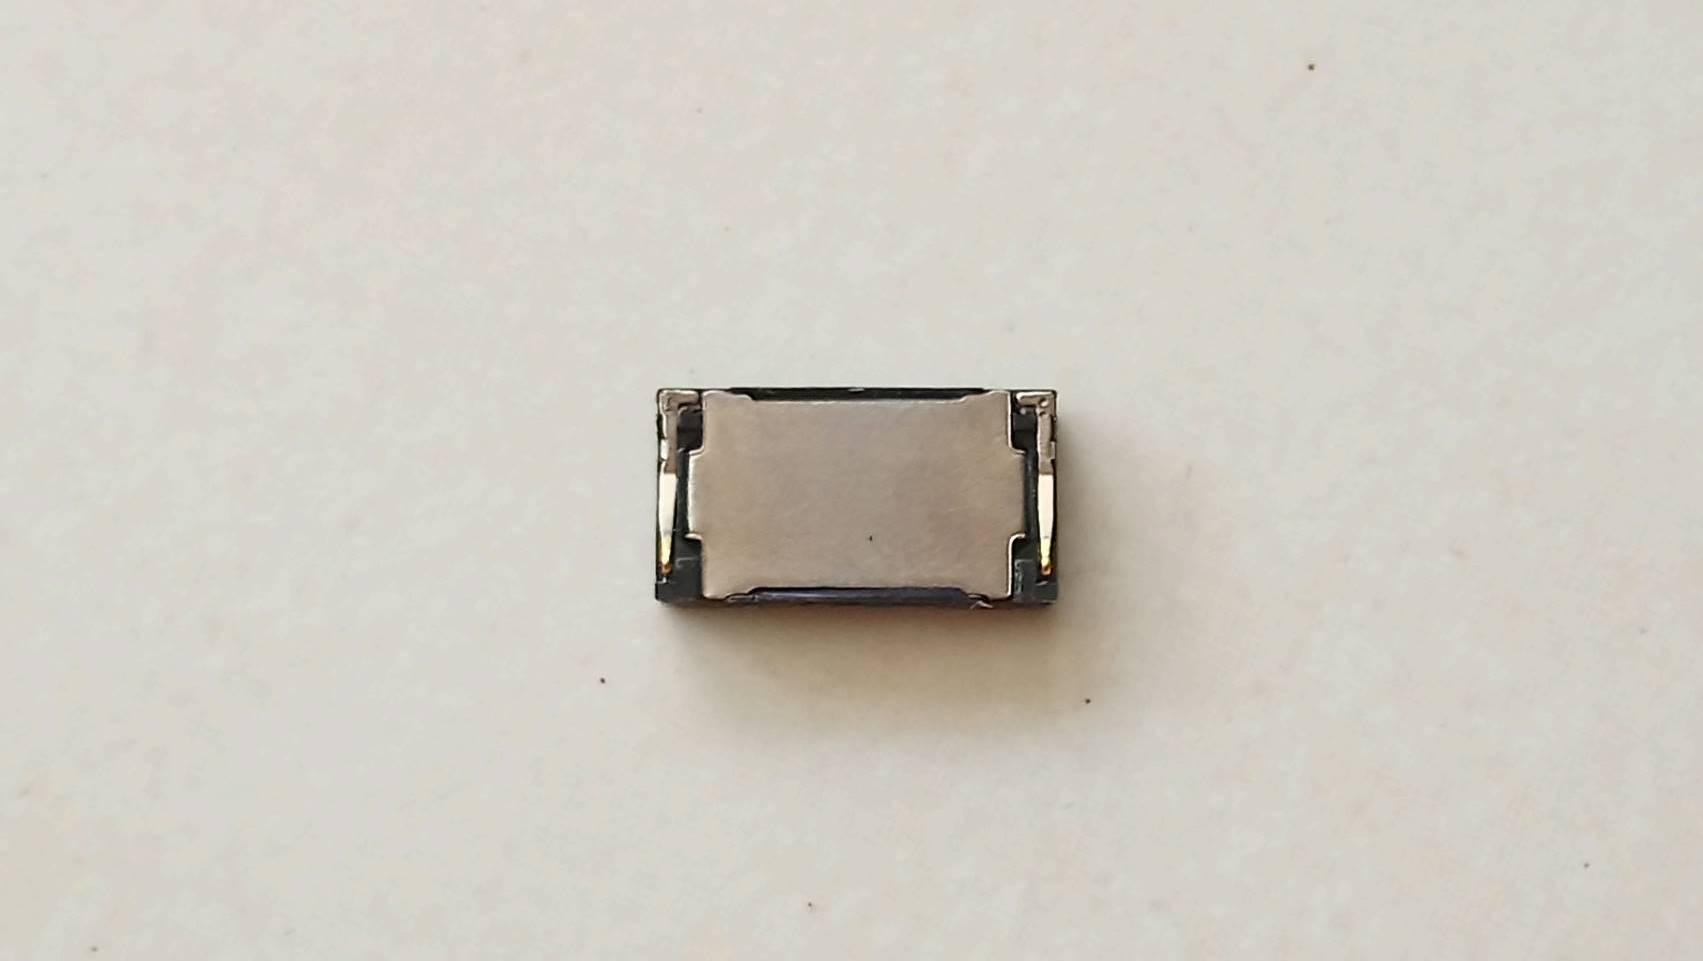 ลำโพงหลัง ASUS Zenfone4 T00i มือสอง